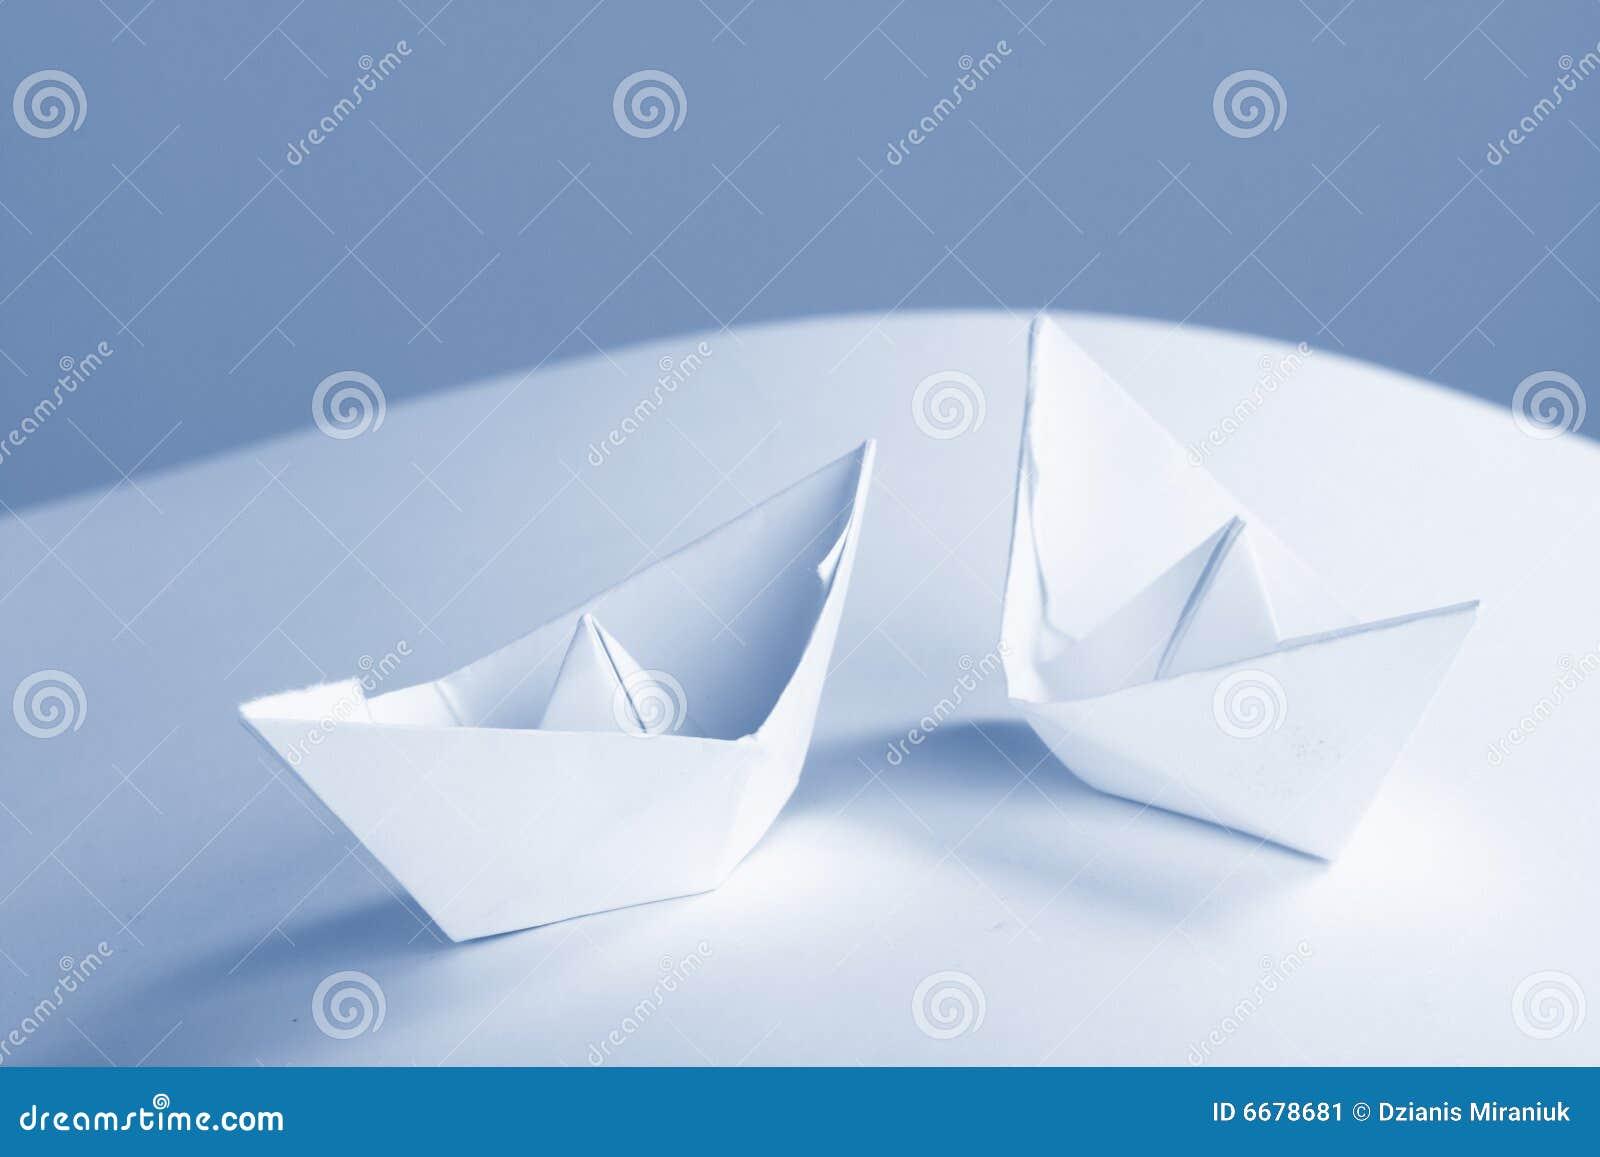 Concept paper �������